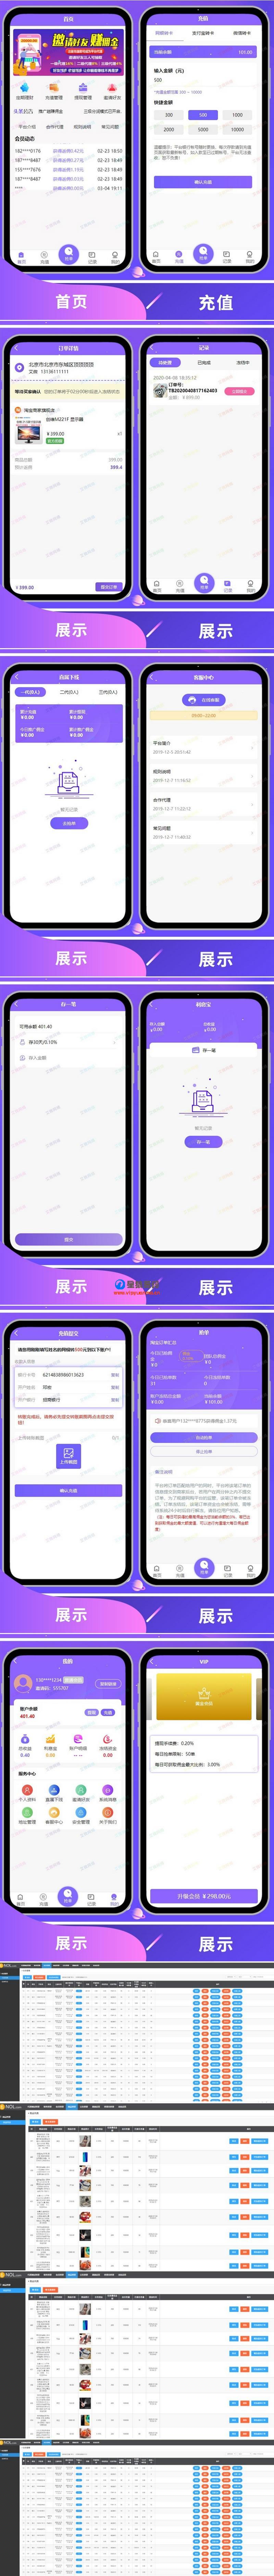 京东淘宝智能自动抢单系统源码V8版本运营版 第1张